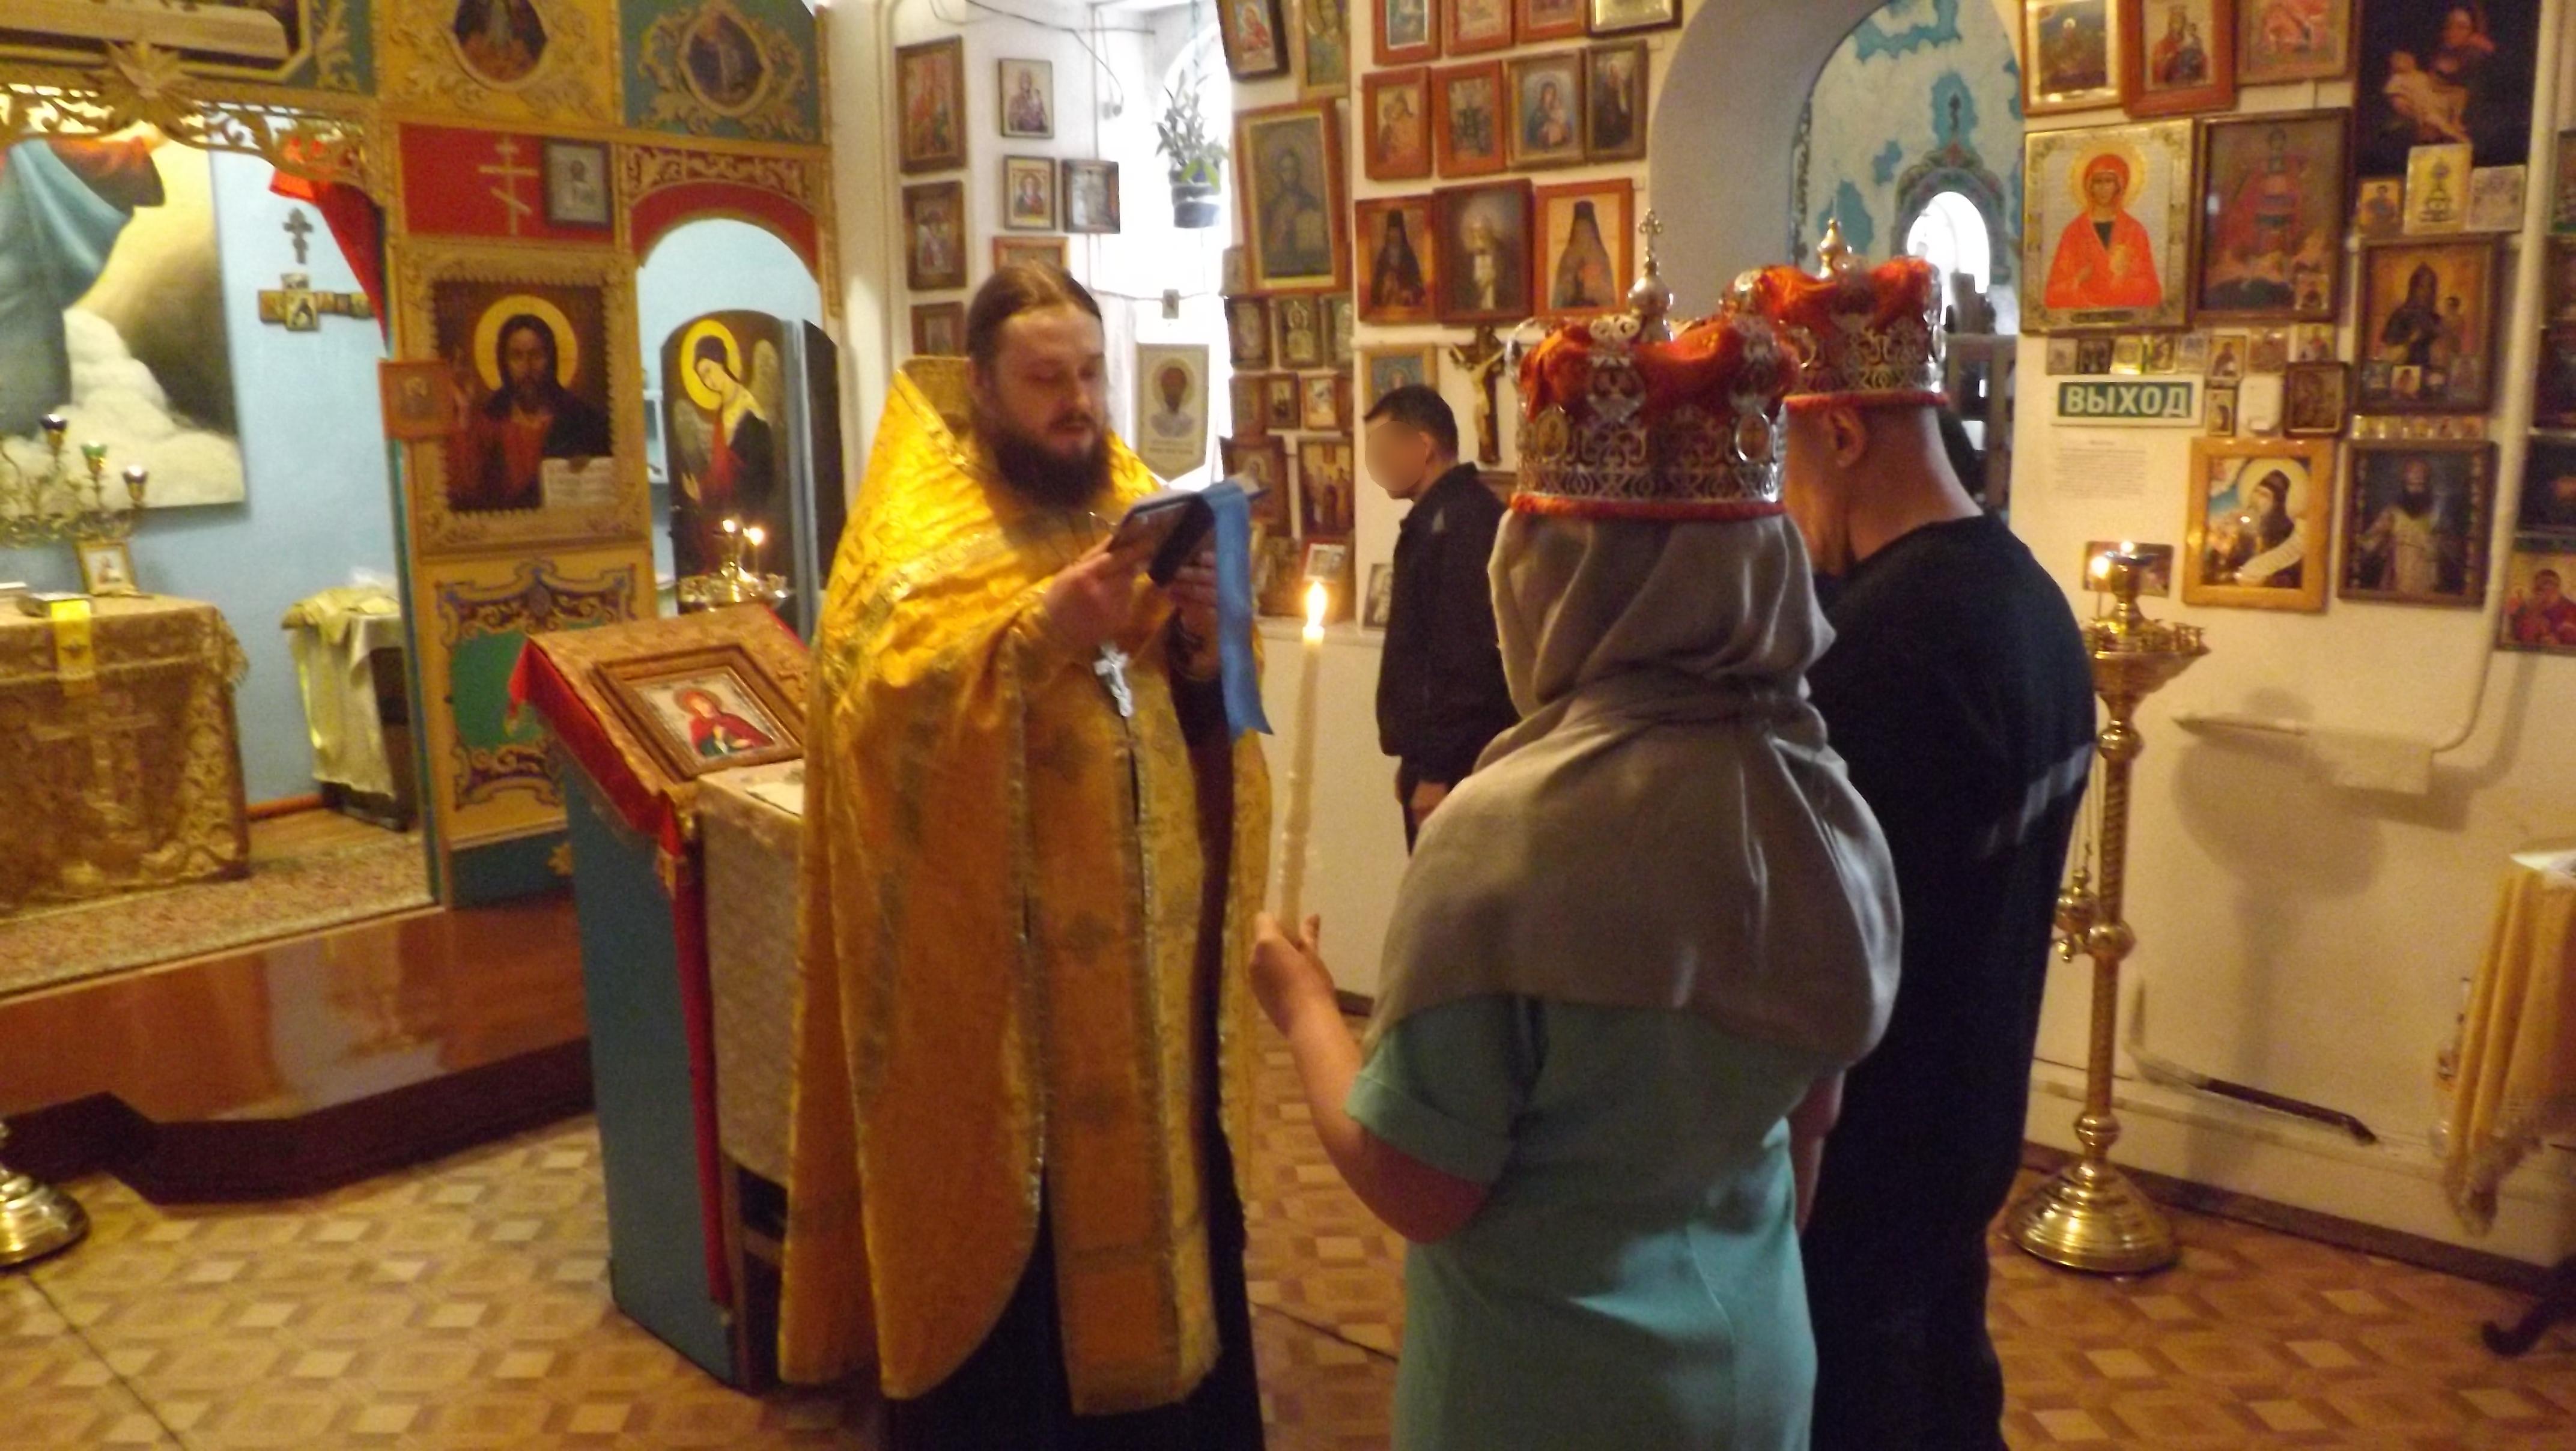 В исправительной колонии №3 УФСИН России по Липецкой области прошел обряд венчания осуждённого со своей избранницей